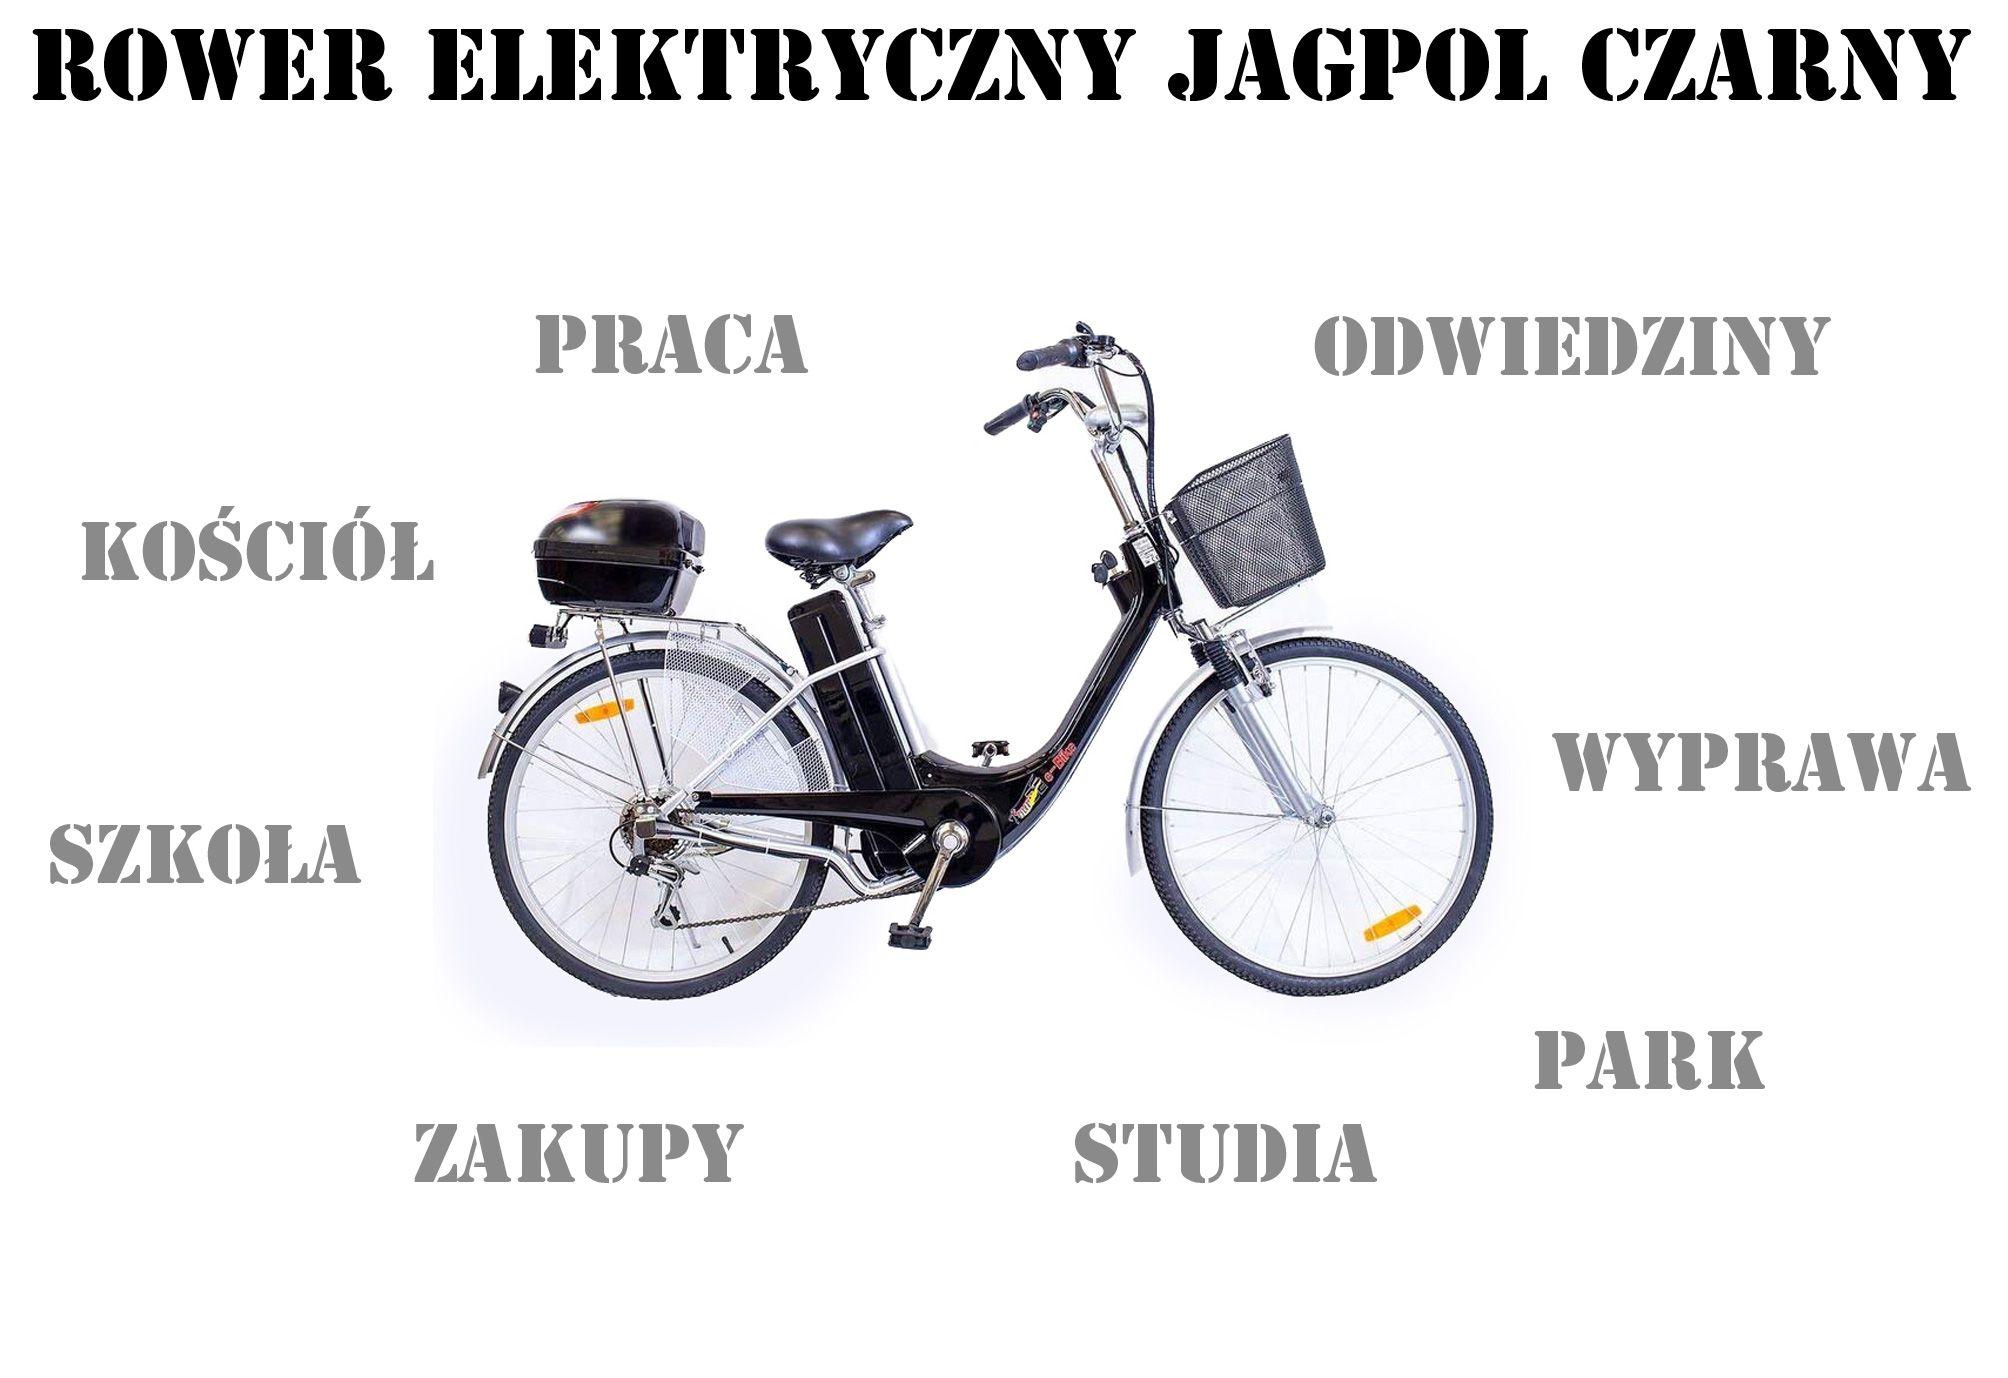 Rower Elektryczny 26 250w 36v E Bike Czarny 7698961613 Oficjalne Archiwum Allegro Bicycle Moped Motorcycle